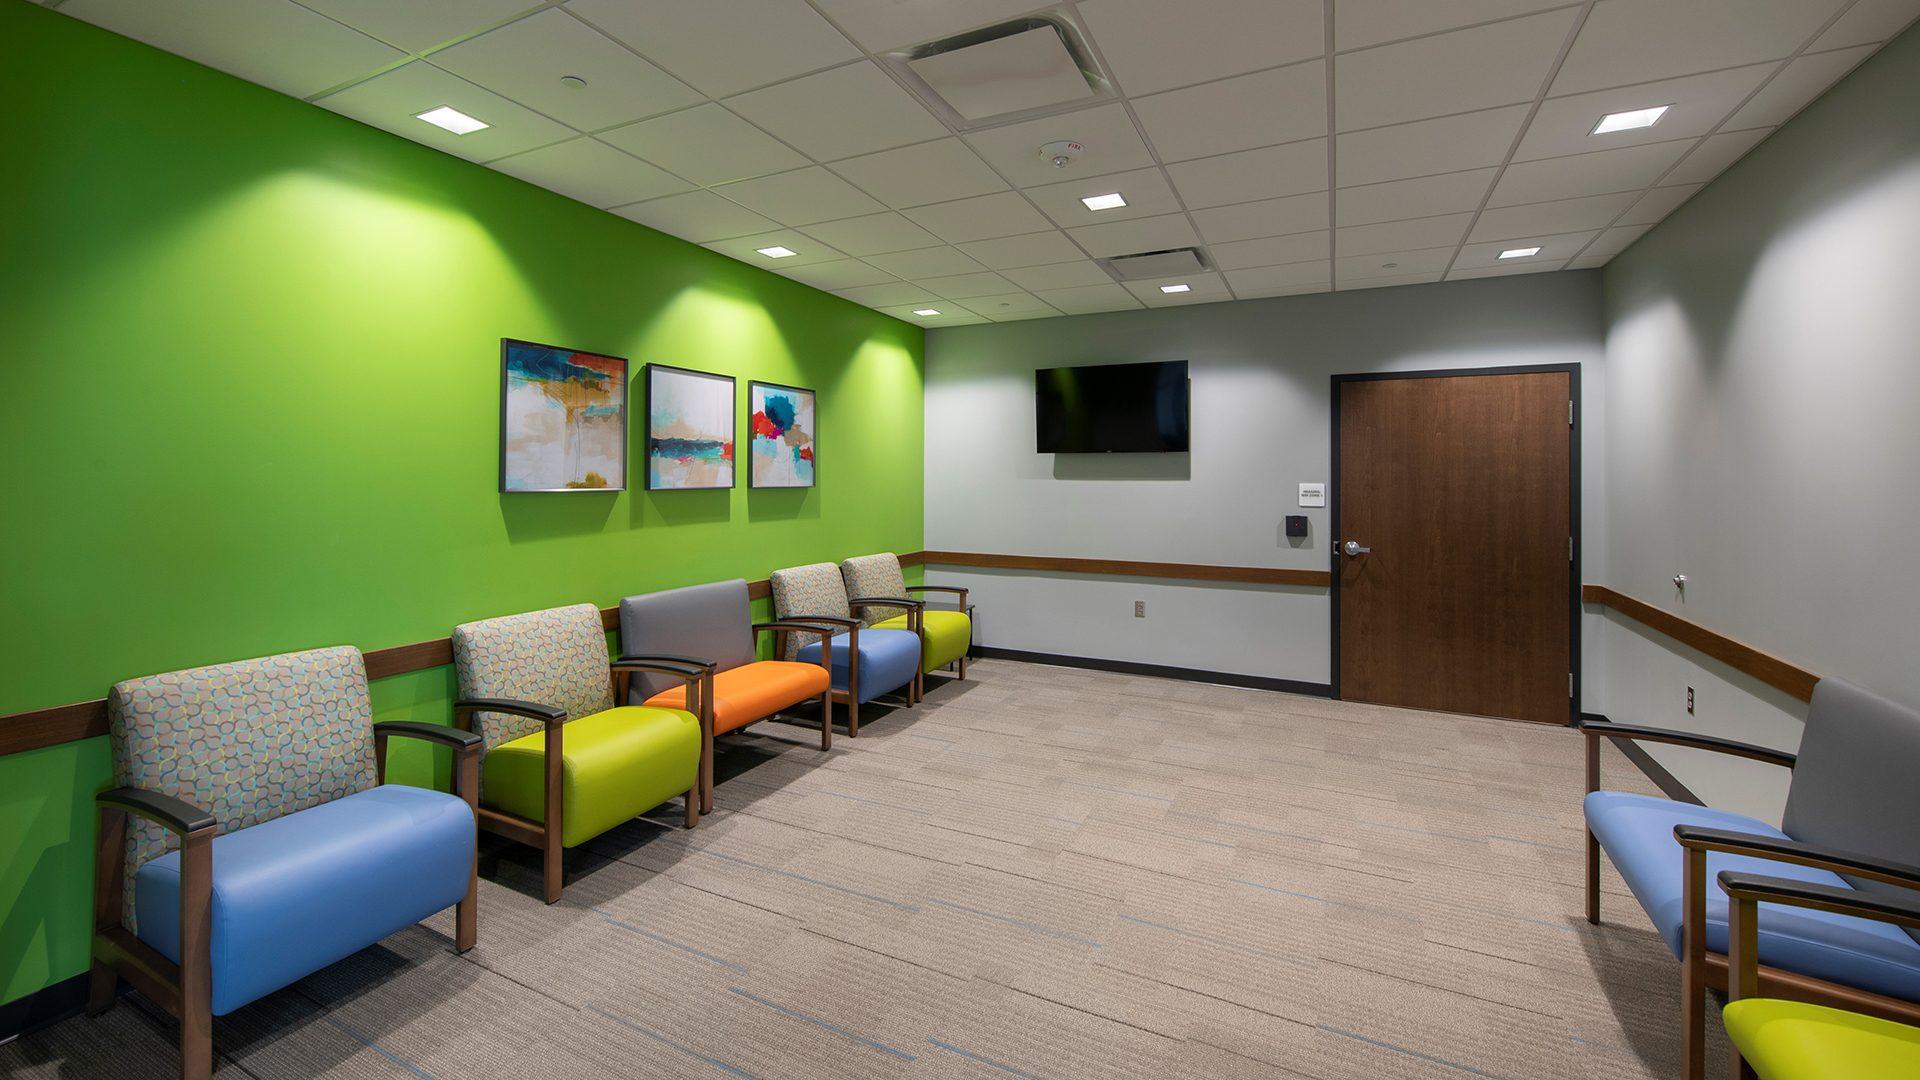 Van Wert Health North Outpatient Center